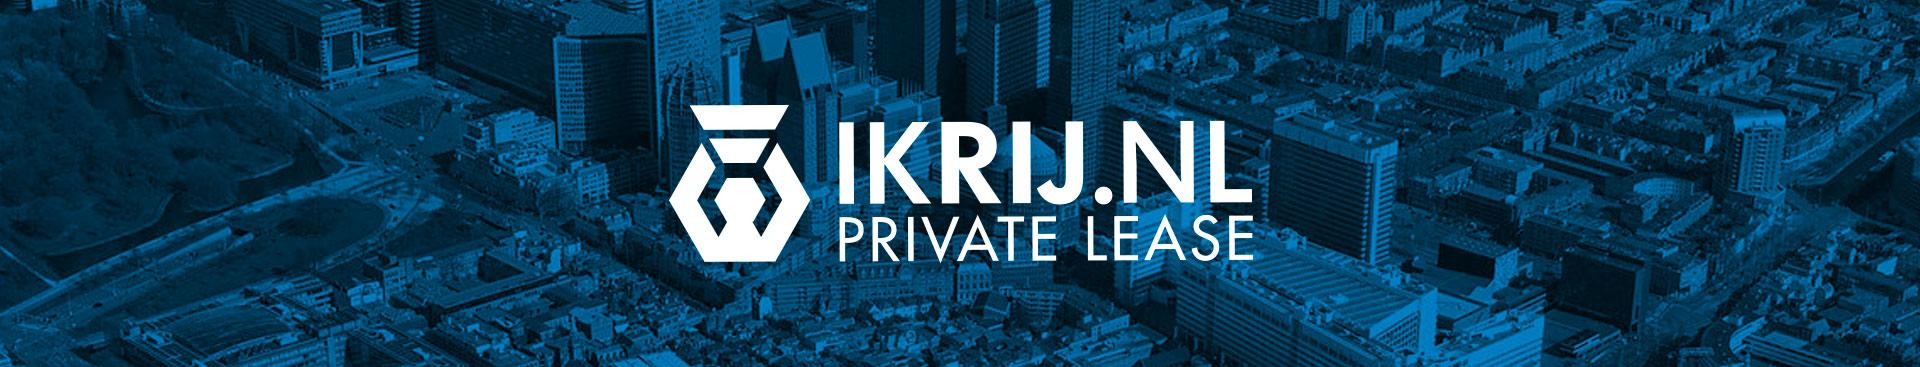 De beste private lease in Delft komt van IKRIJ.NL